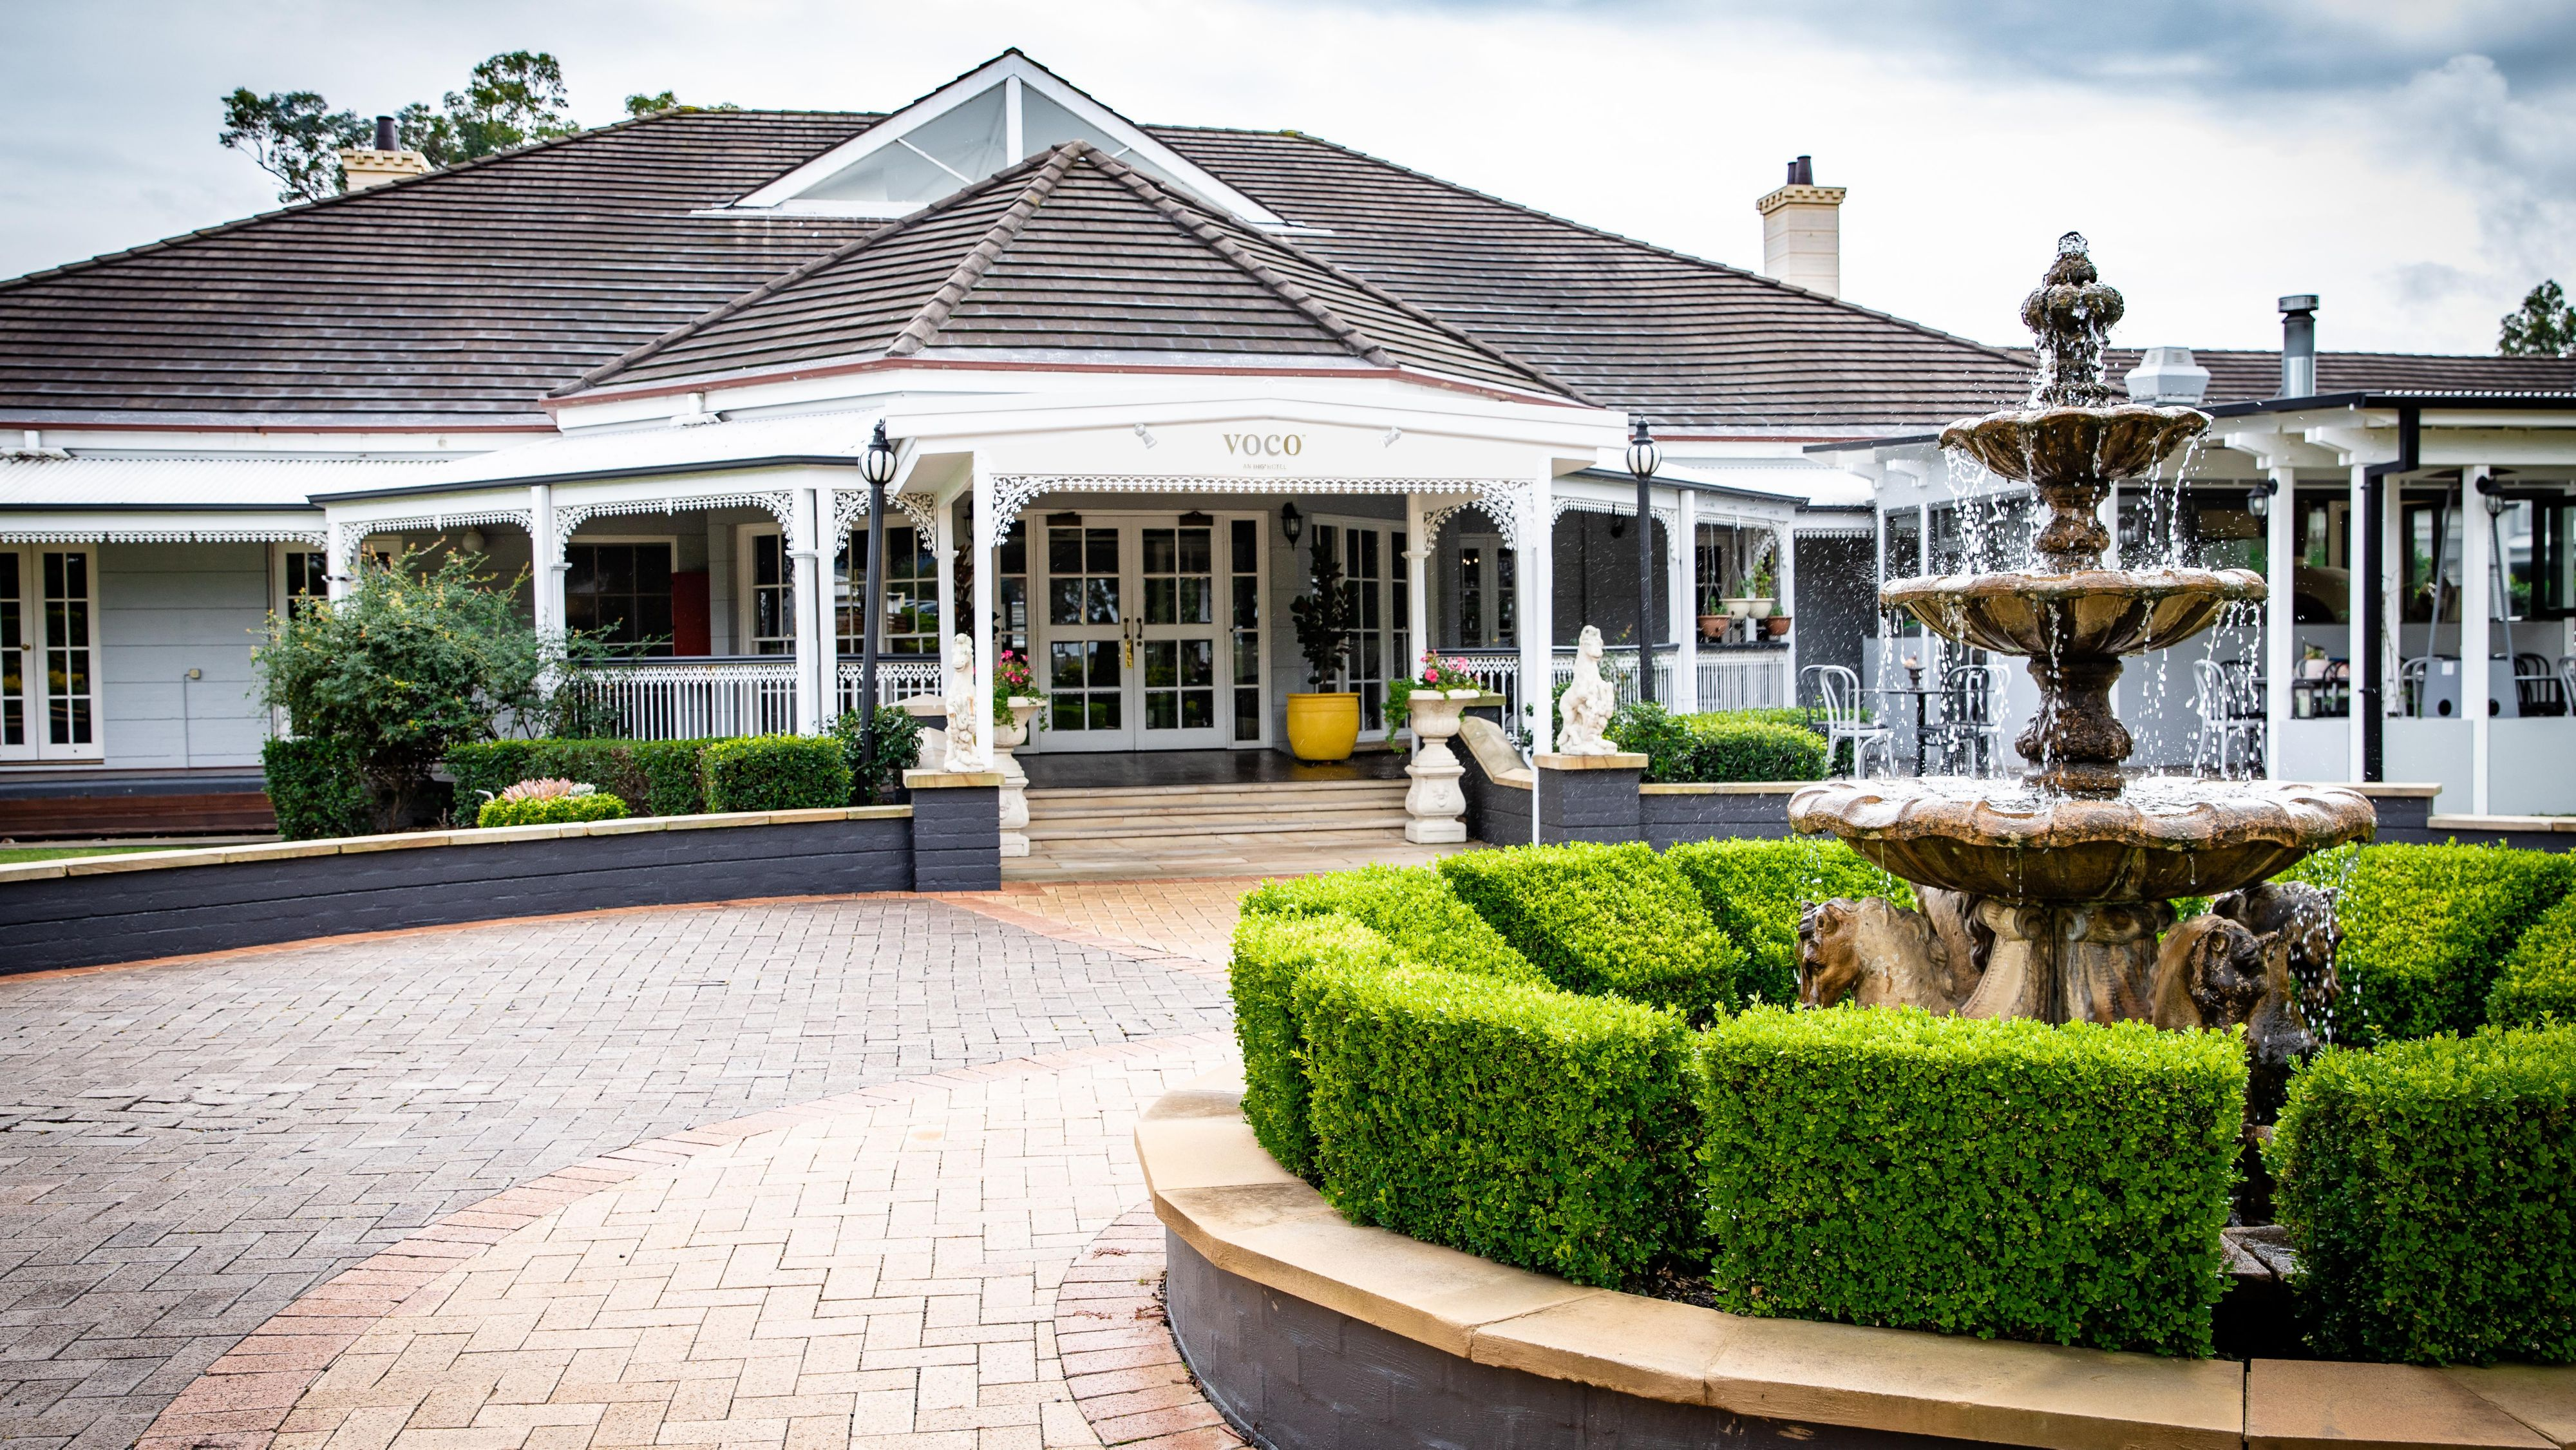 voco Kirkton Park Hunter Valley Hotel Exterior